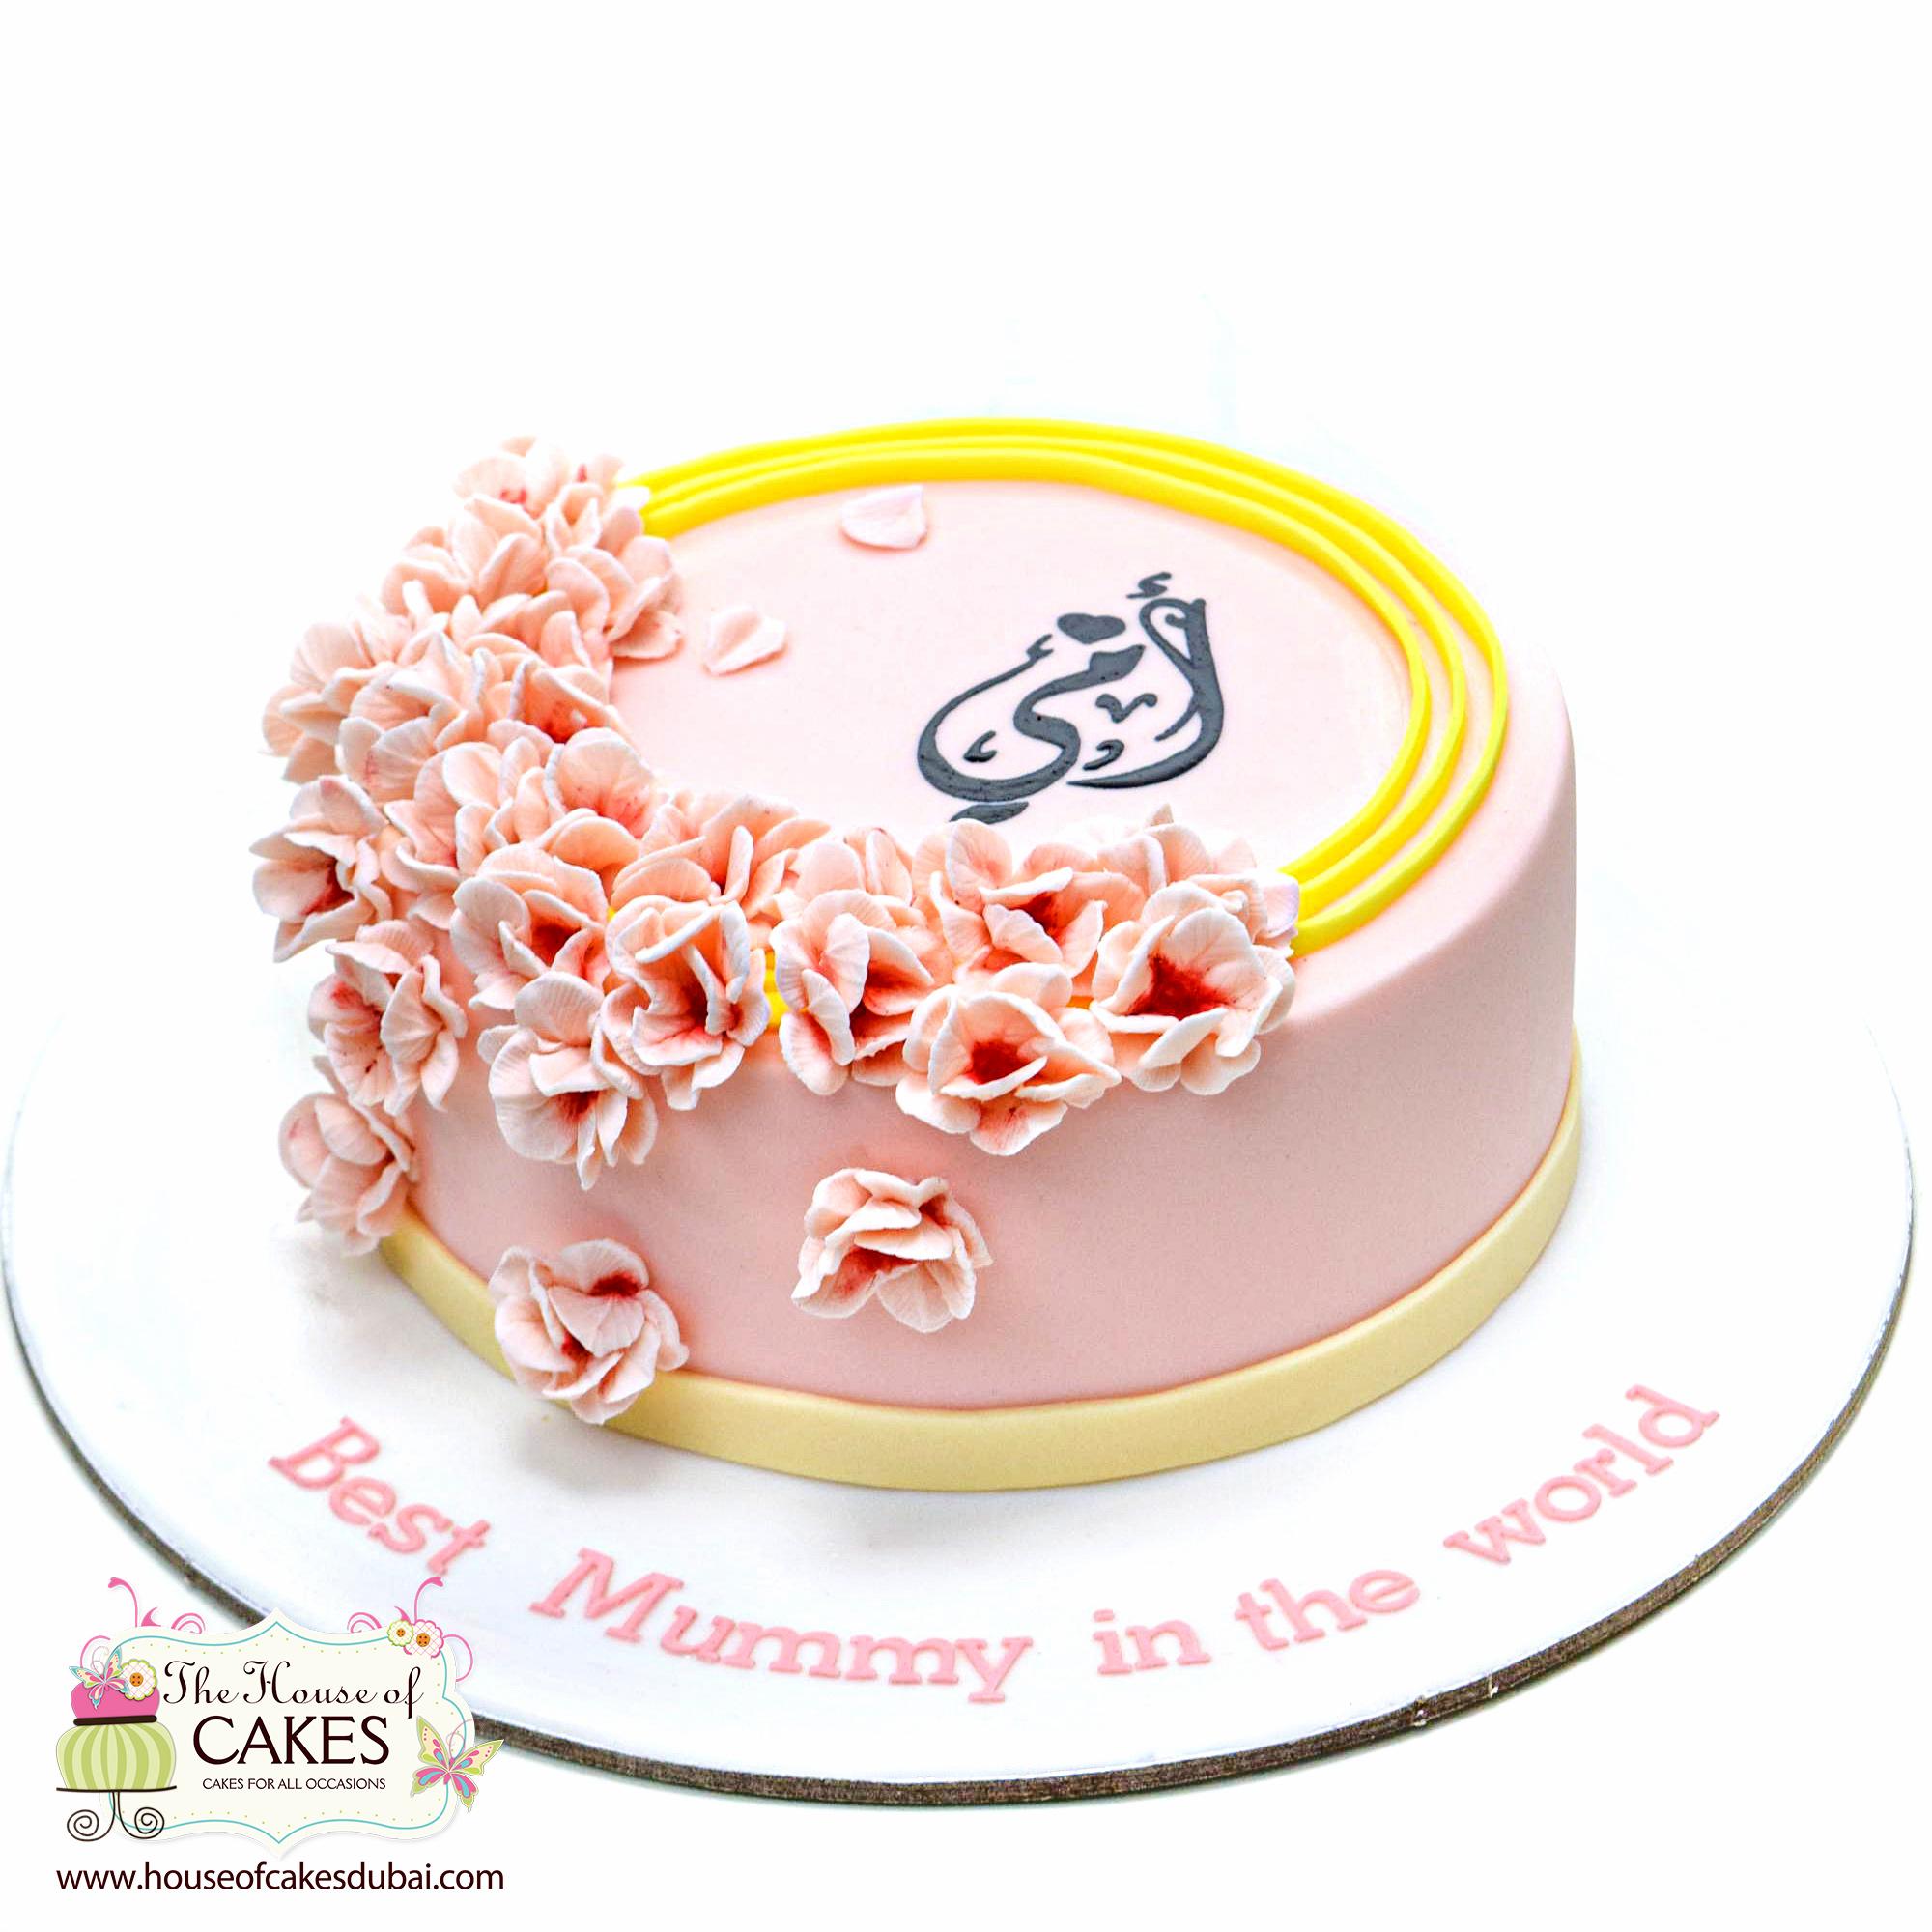 CAKE DECORATING SUPPLIES IN DUBAI